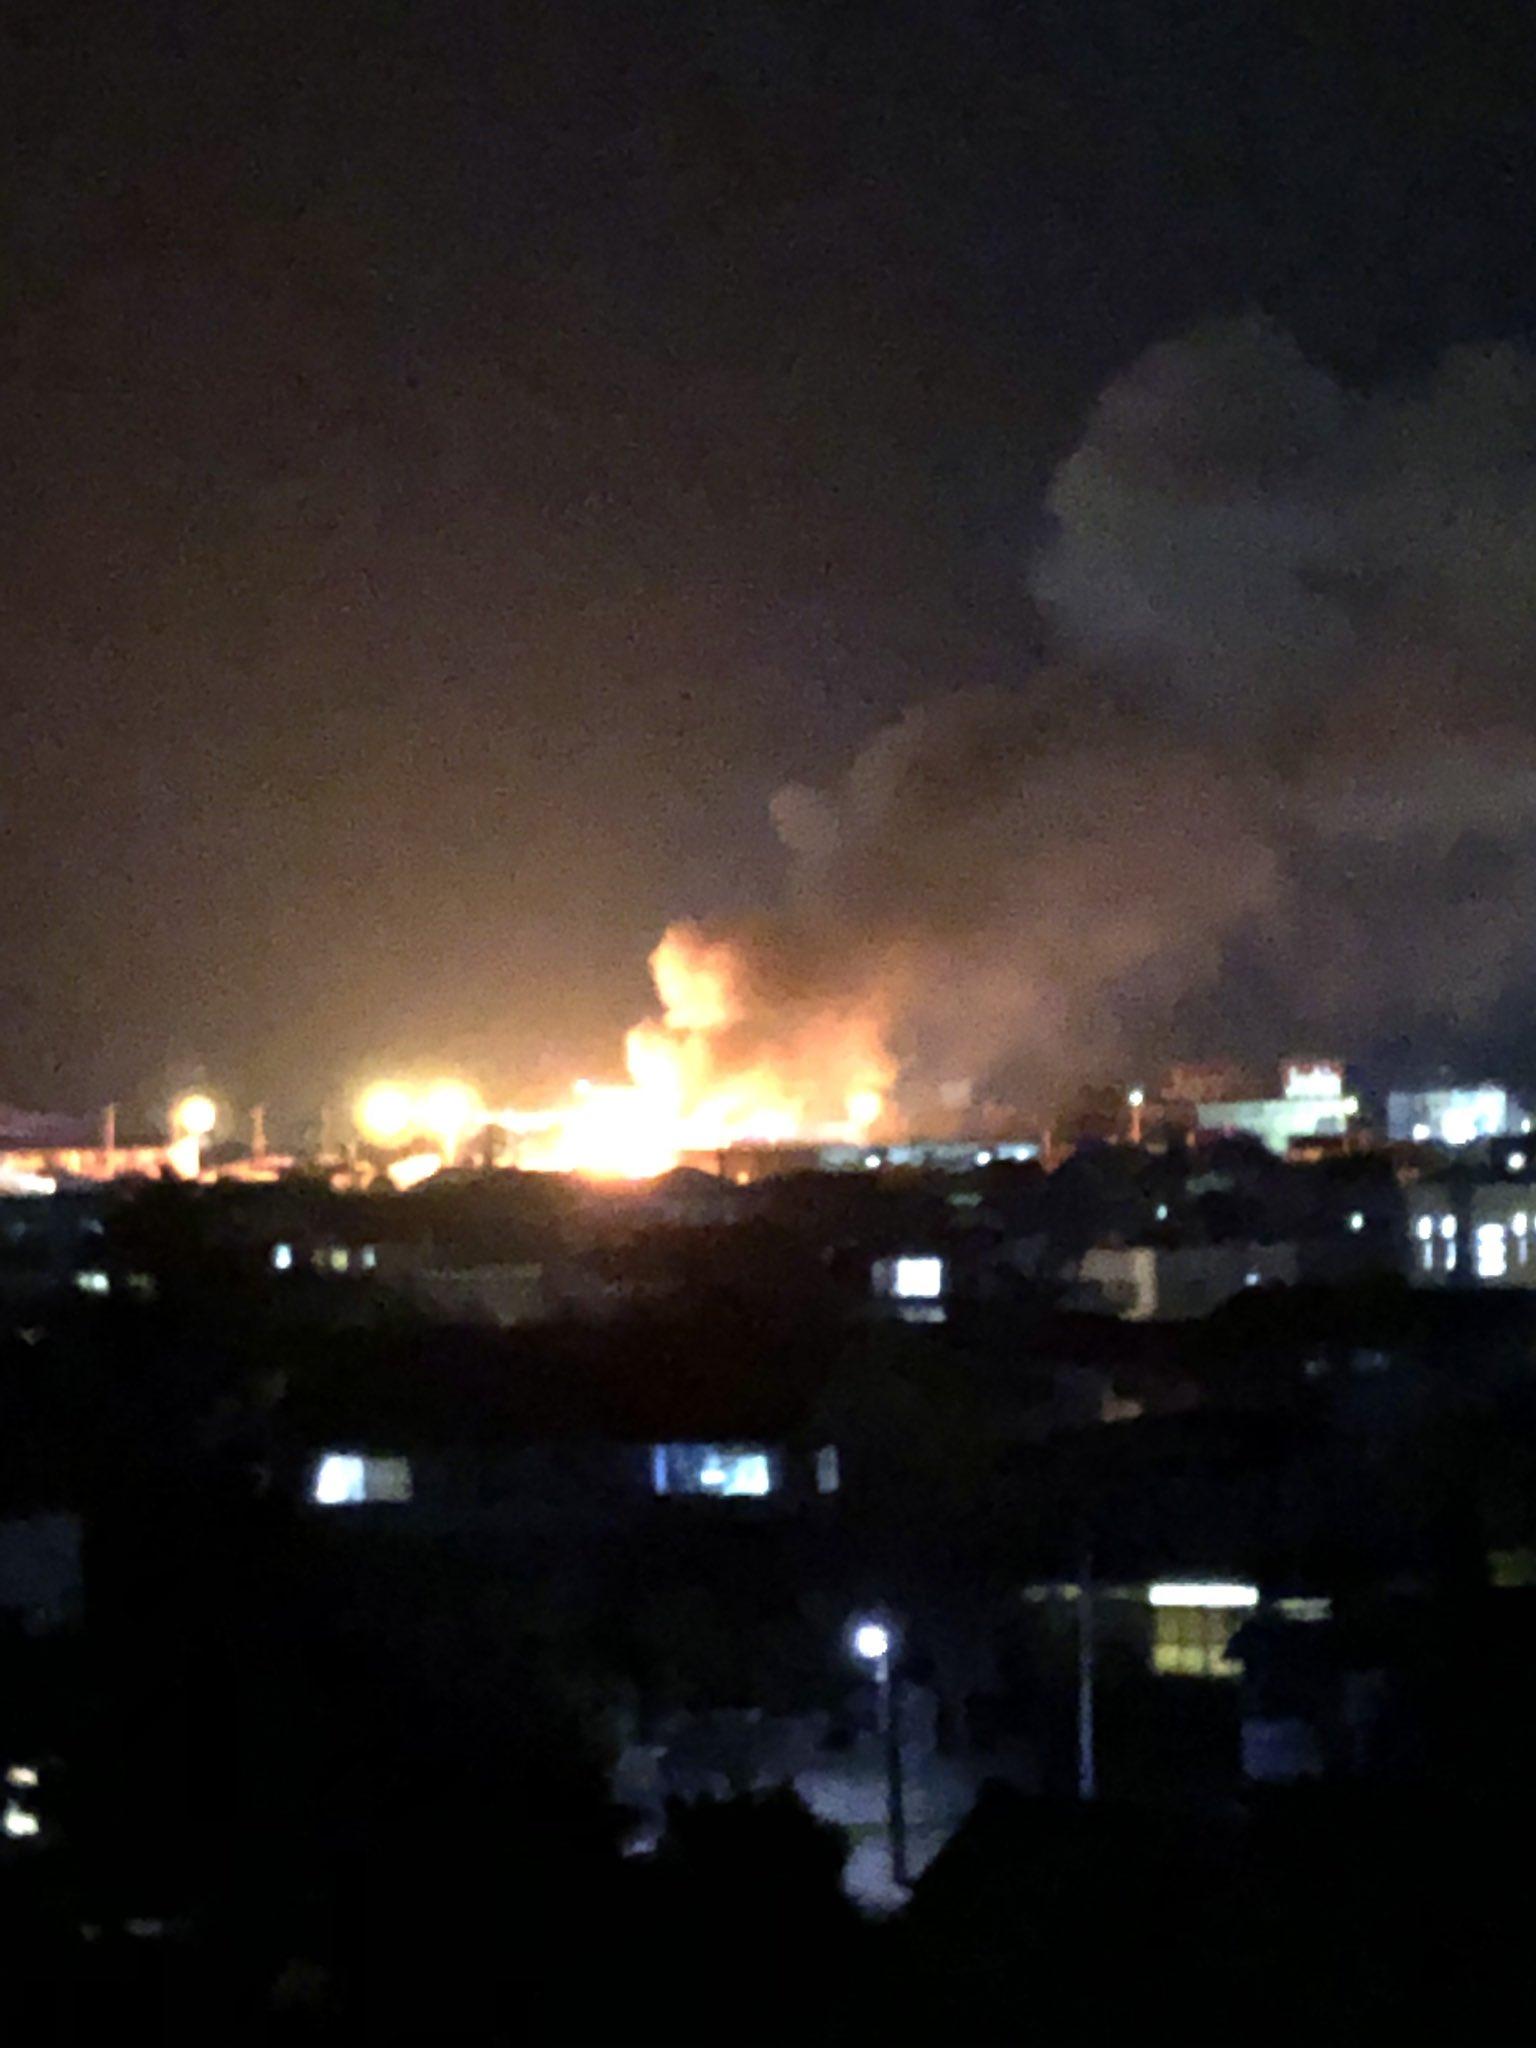 米沢市成島町3丁目で爆発伴う火災現場の画像